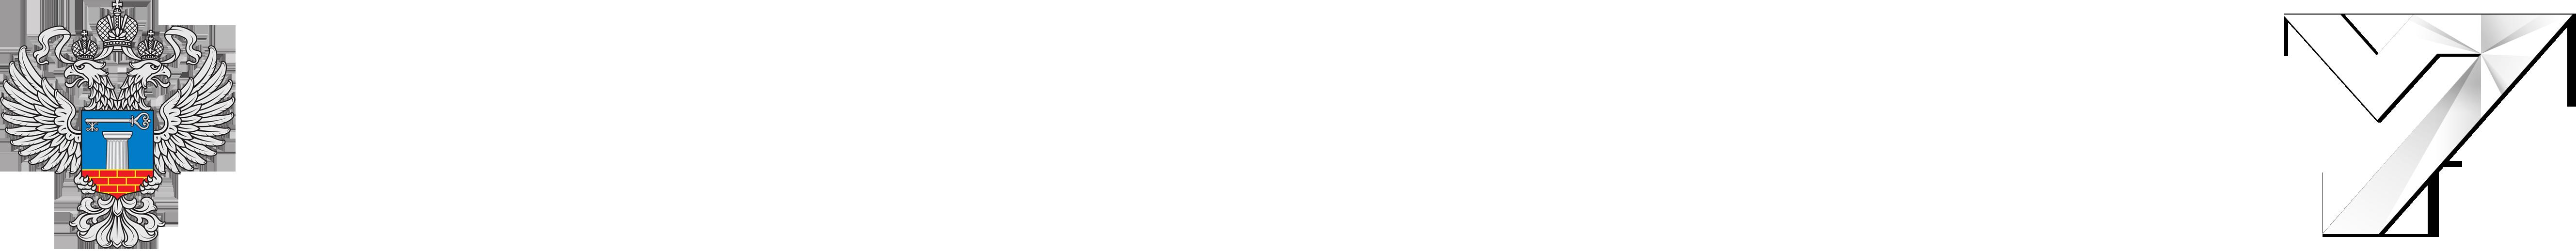 УралНИИпроект